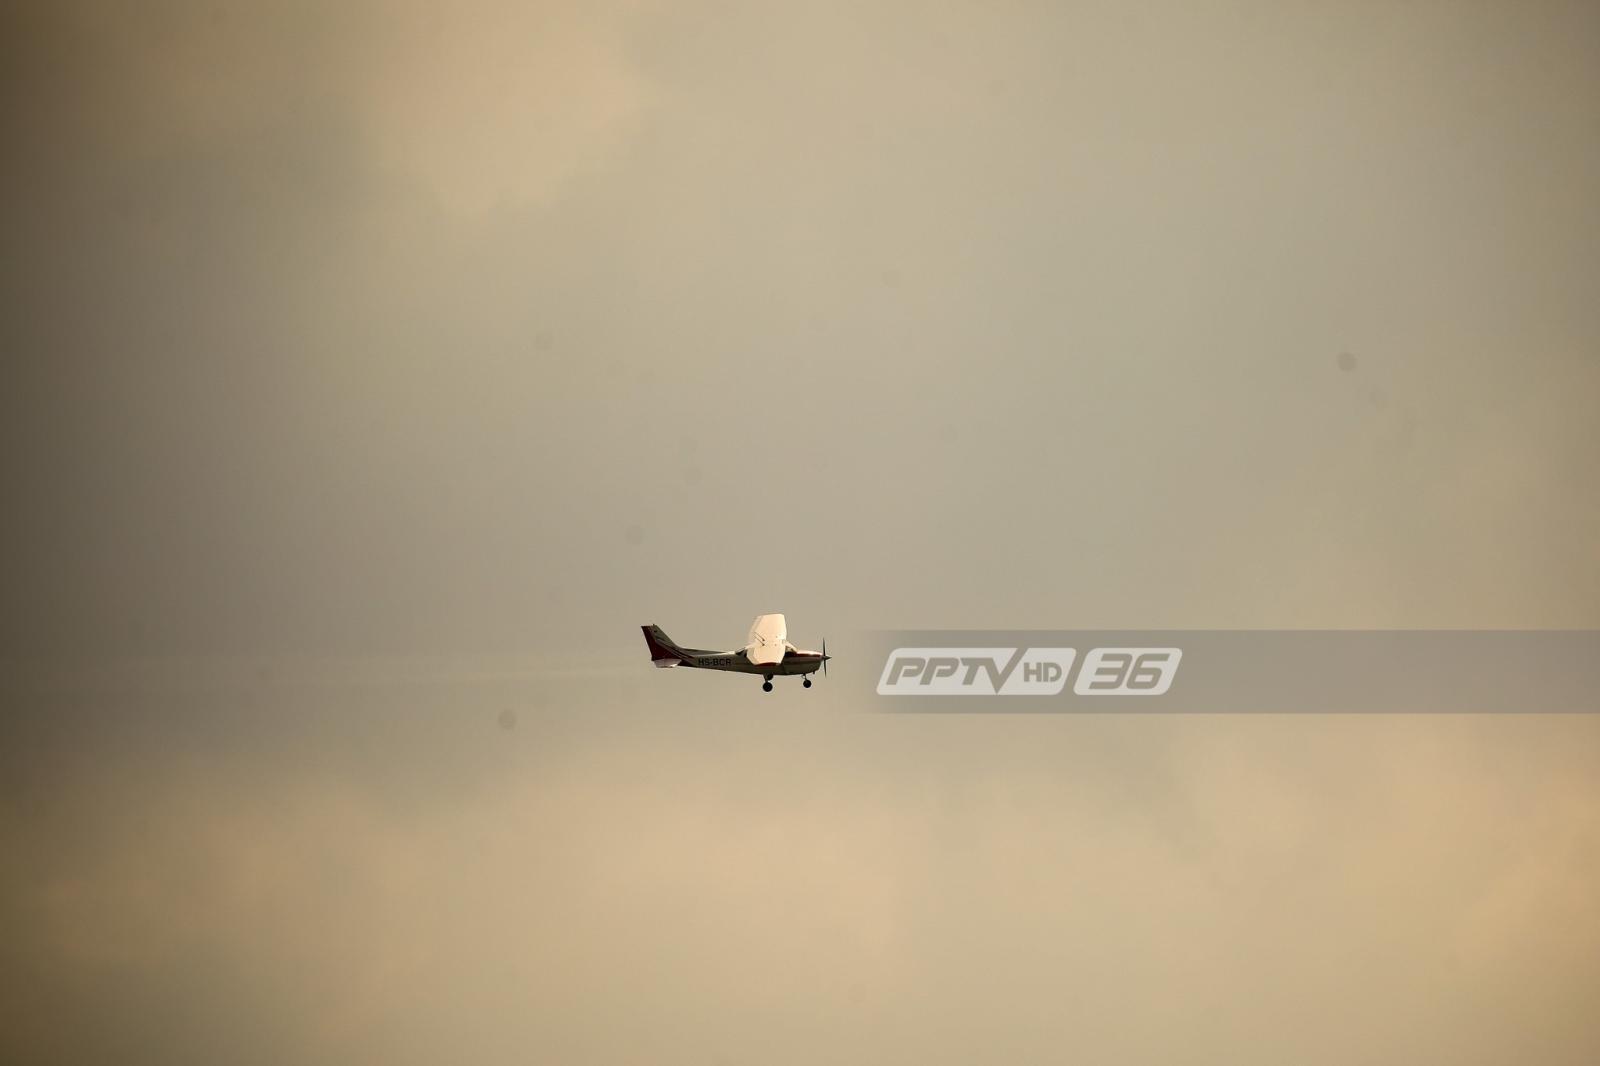 เครื่องบินเล็ก ปฏิบัติการพ่นละอองน้ำ ลดฝุ่น PM 2.5 ถ.พระราม 2